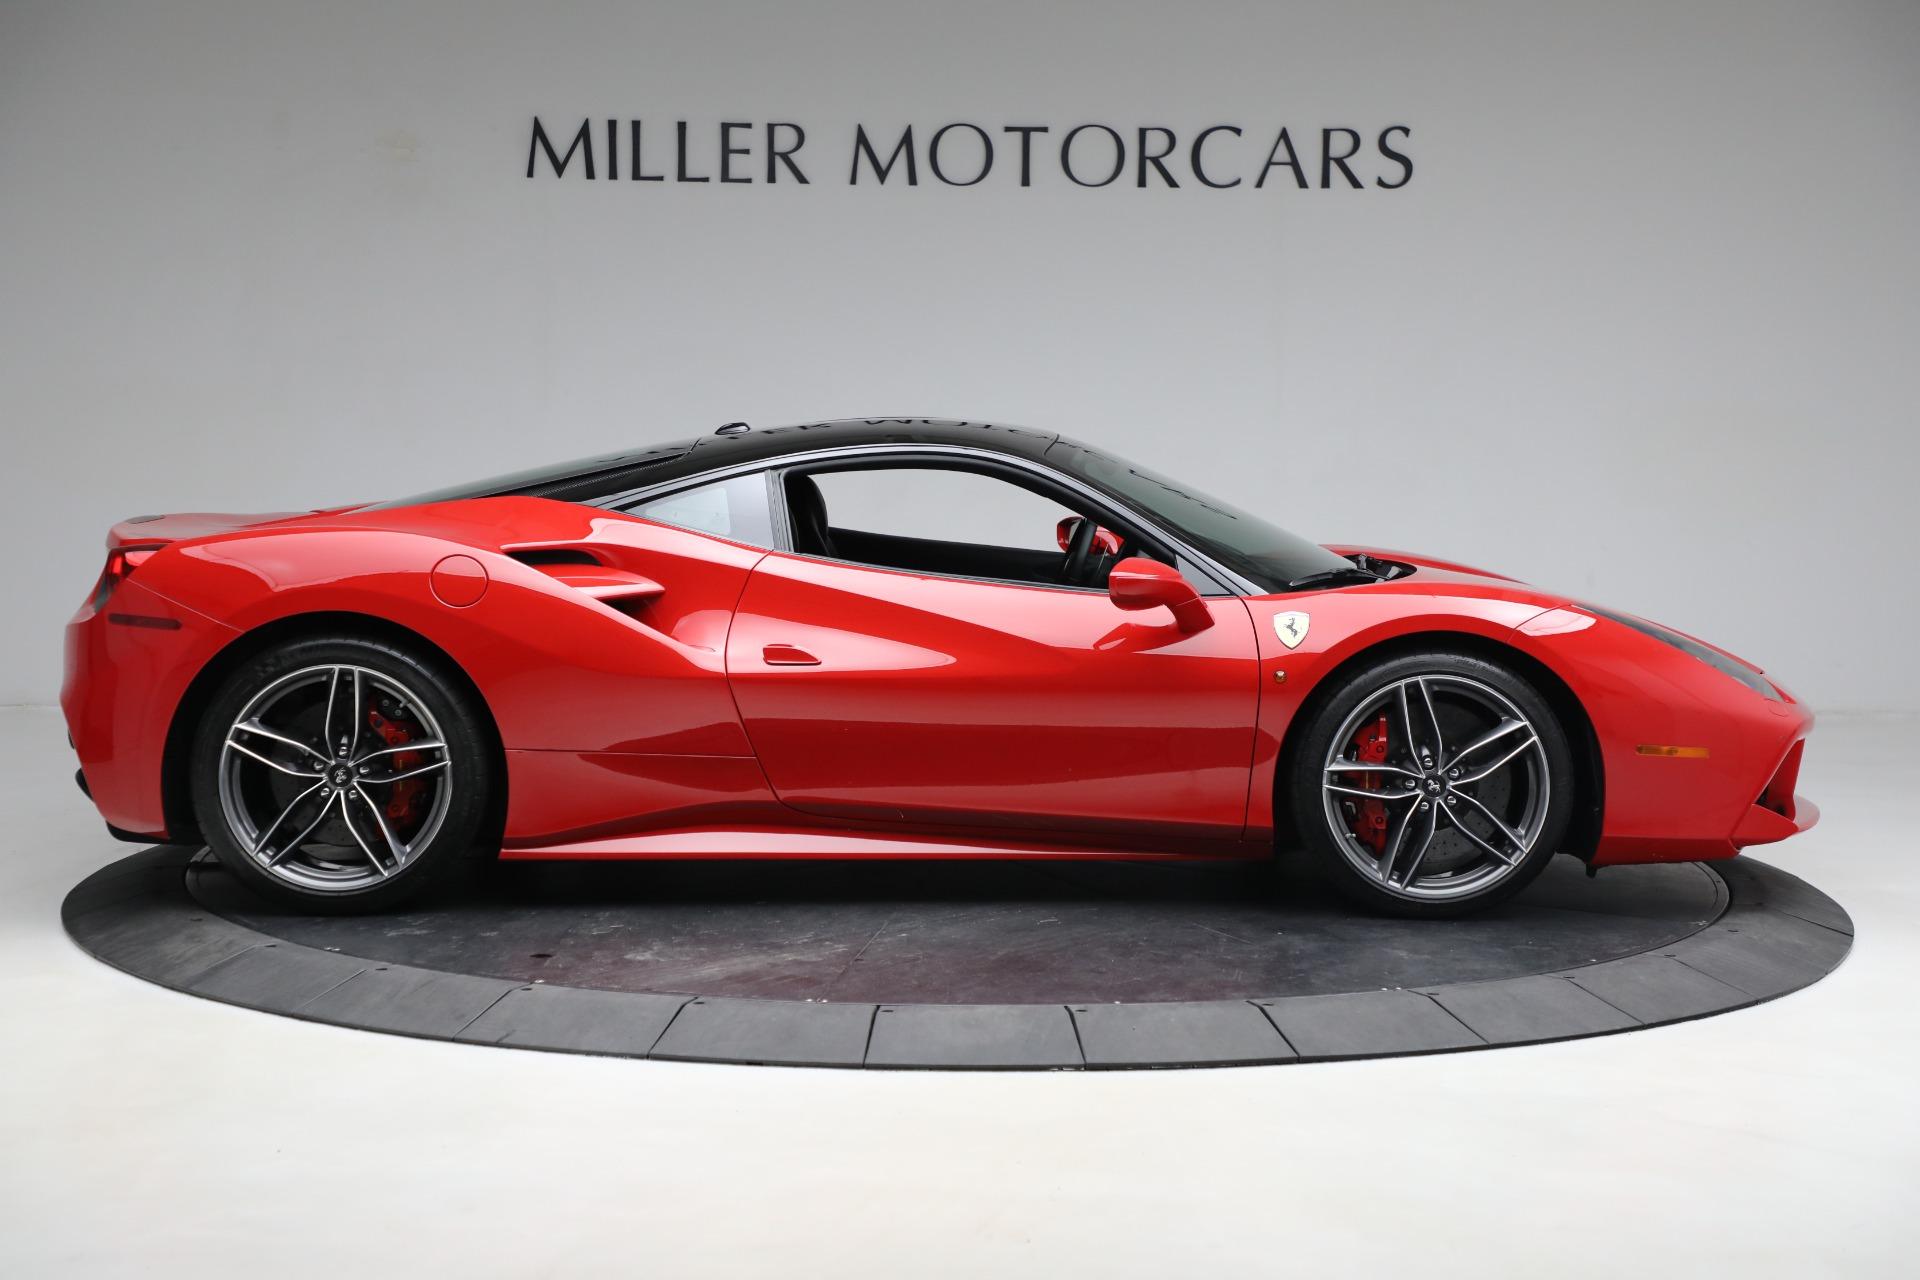 Pre Owned 2018 Ferrari 488 Gtb For Sale Miller Motorcars Stock F1995a